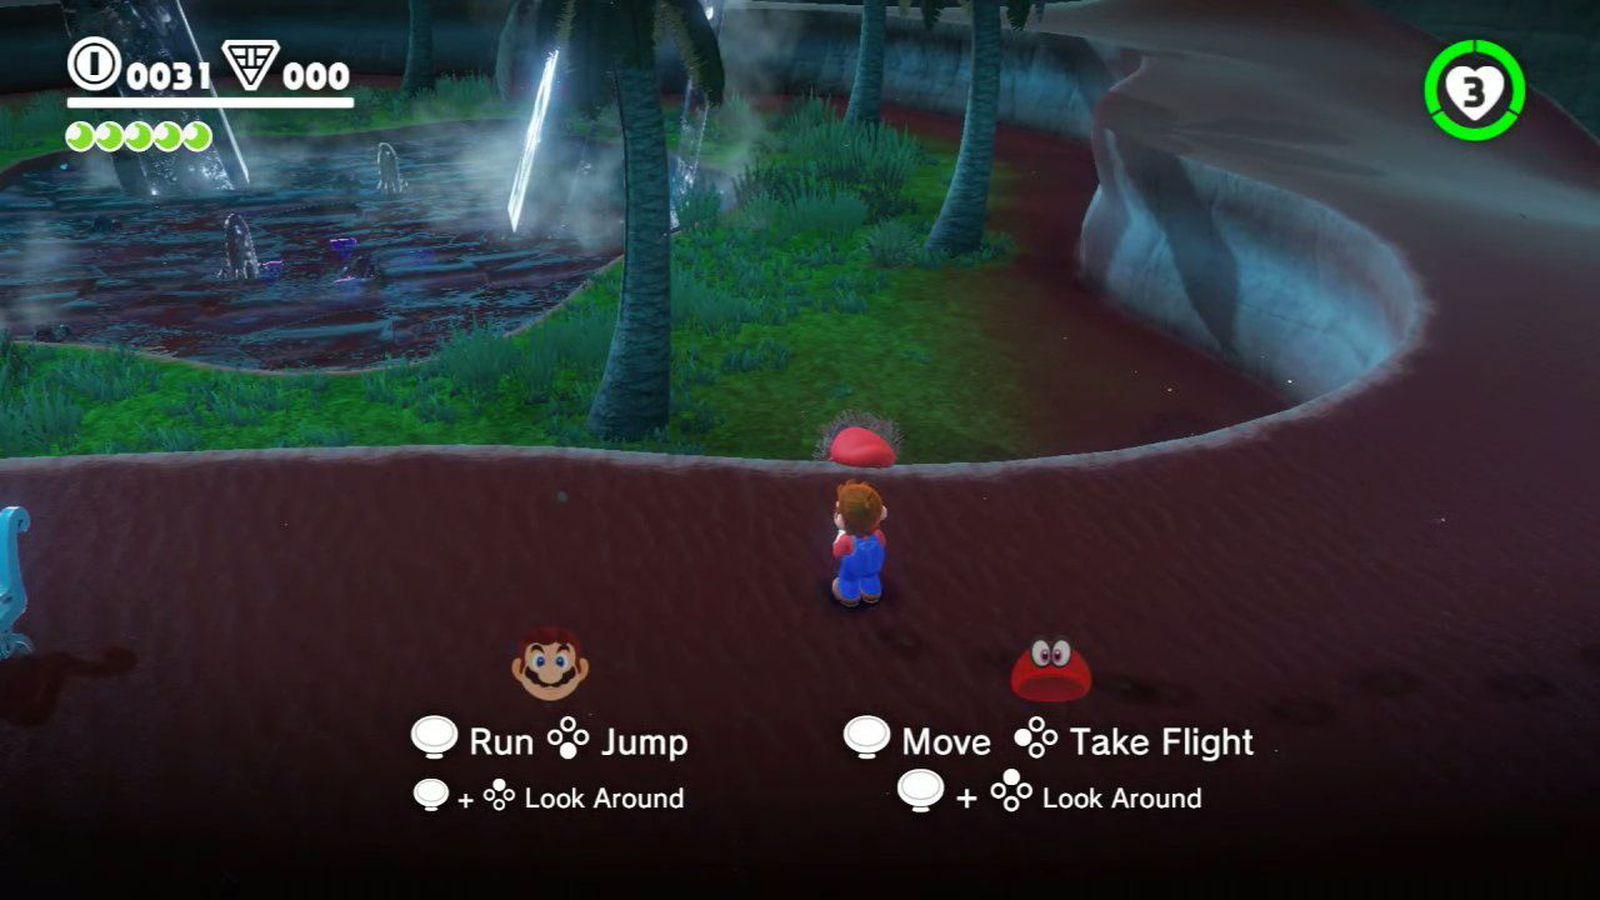 Super Mario Odyssey has coop